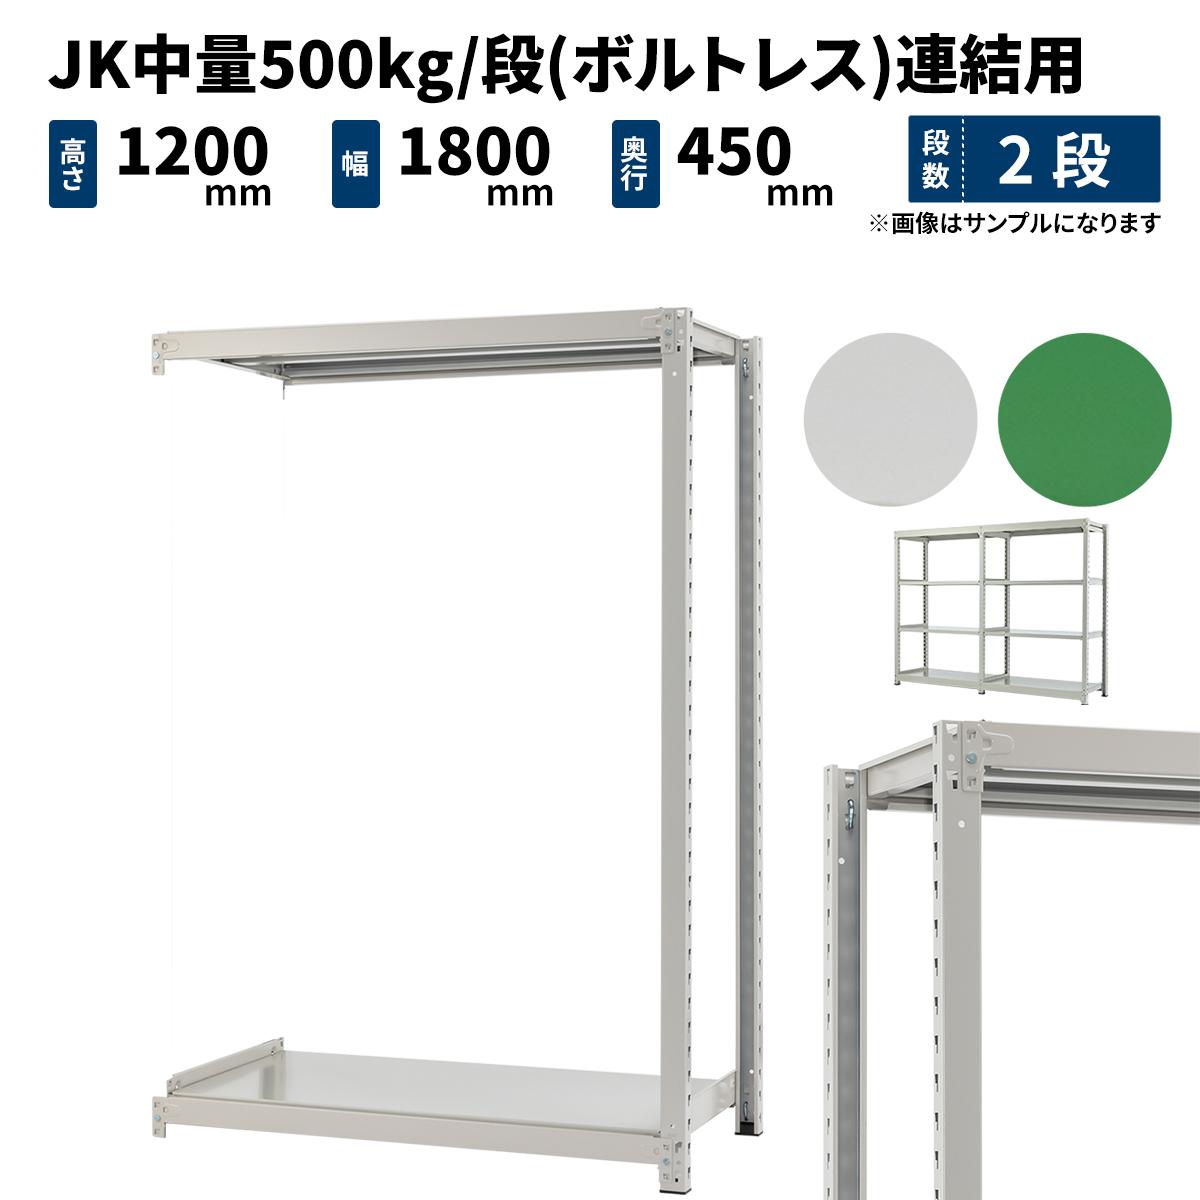 スチールラック 業務用 JK中量500kg/段(ボルトレス) 連結形式 高さ1200×幅1800×奥行450mm 2段 ホワイトグレー/グリーン (44kg) JK500_R-121845-2